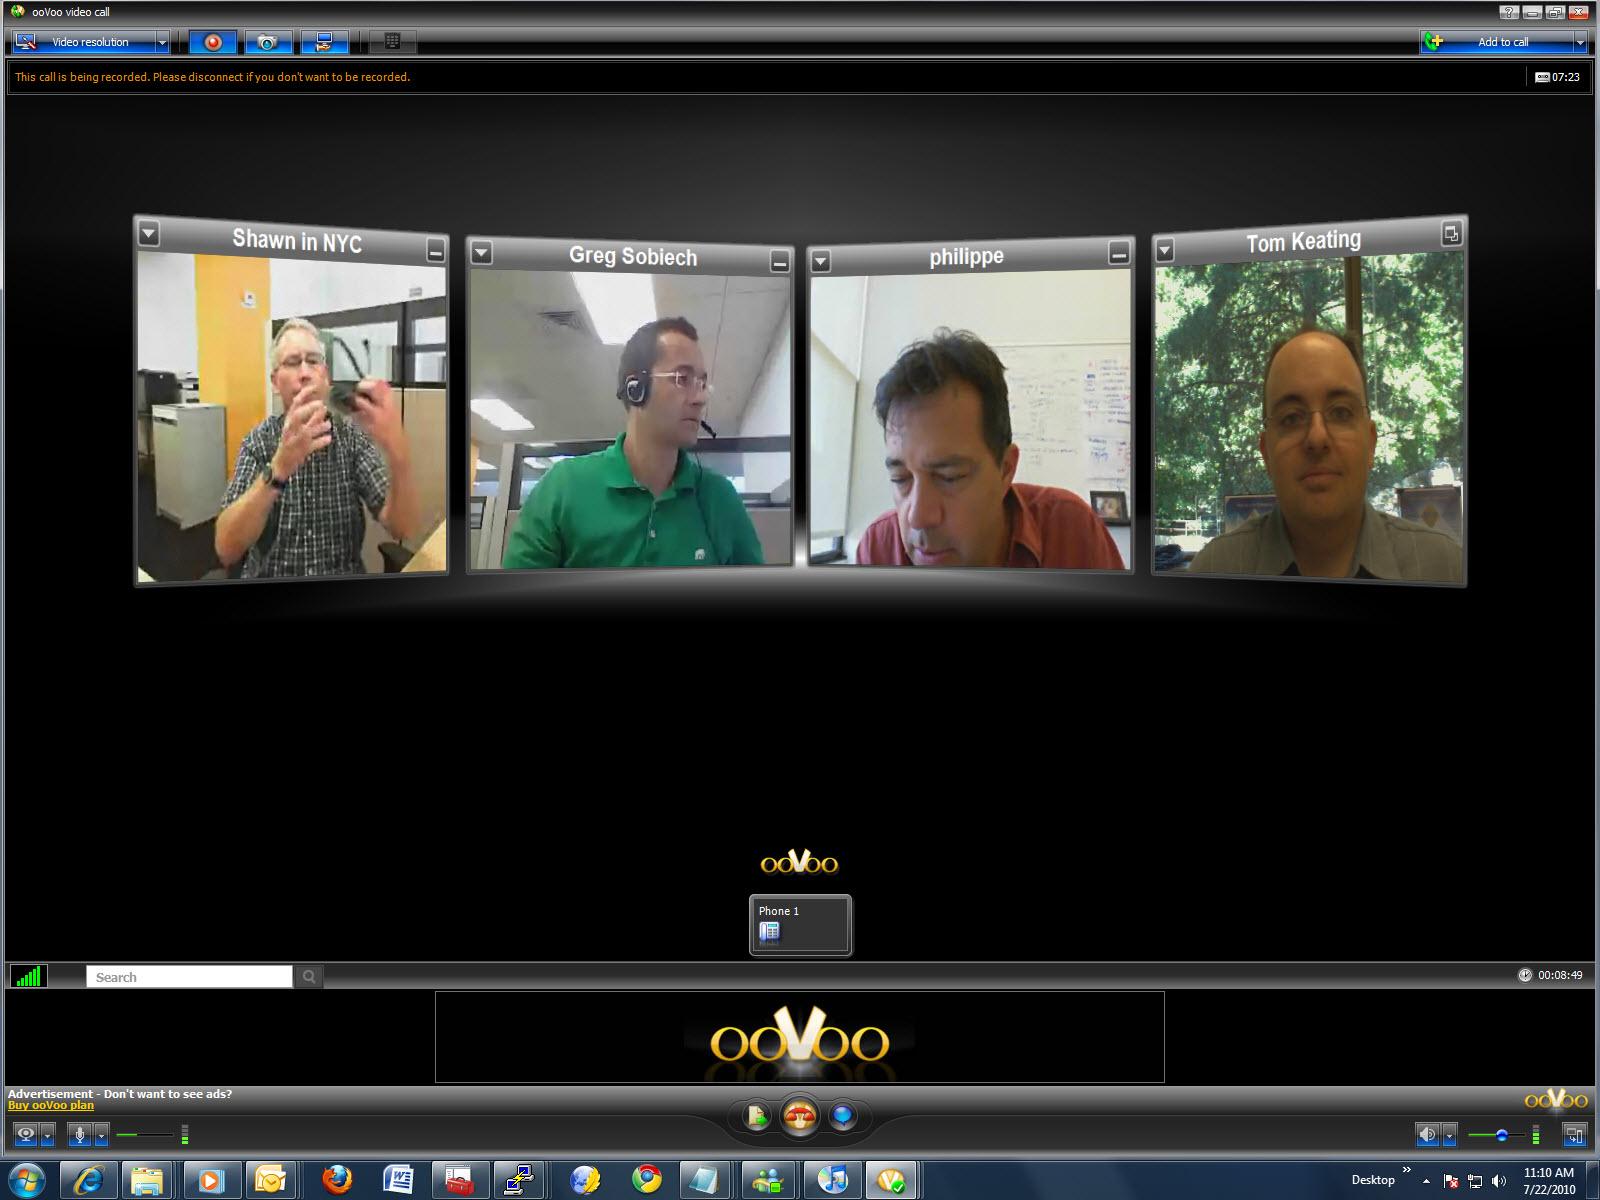 برنامج ooVoo 3.5.7.45 لاجراء محادثات 1364989589022.jpg